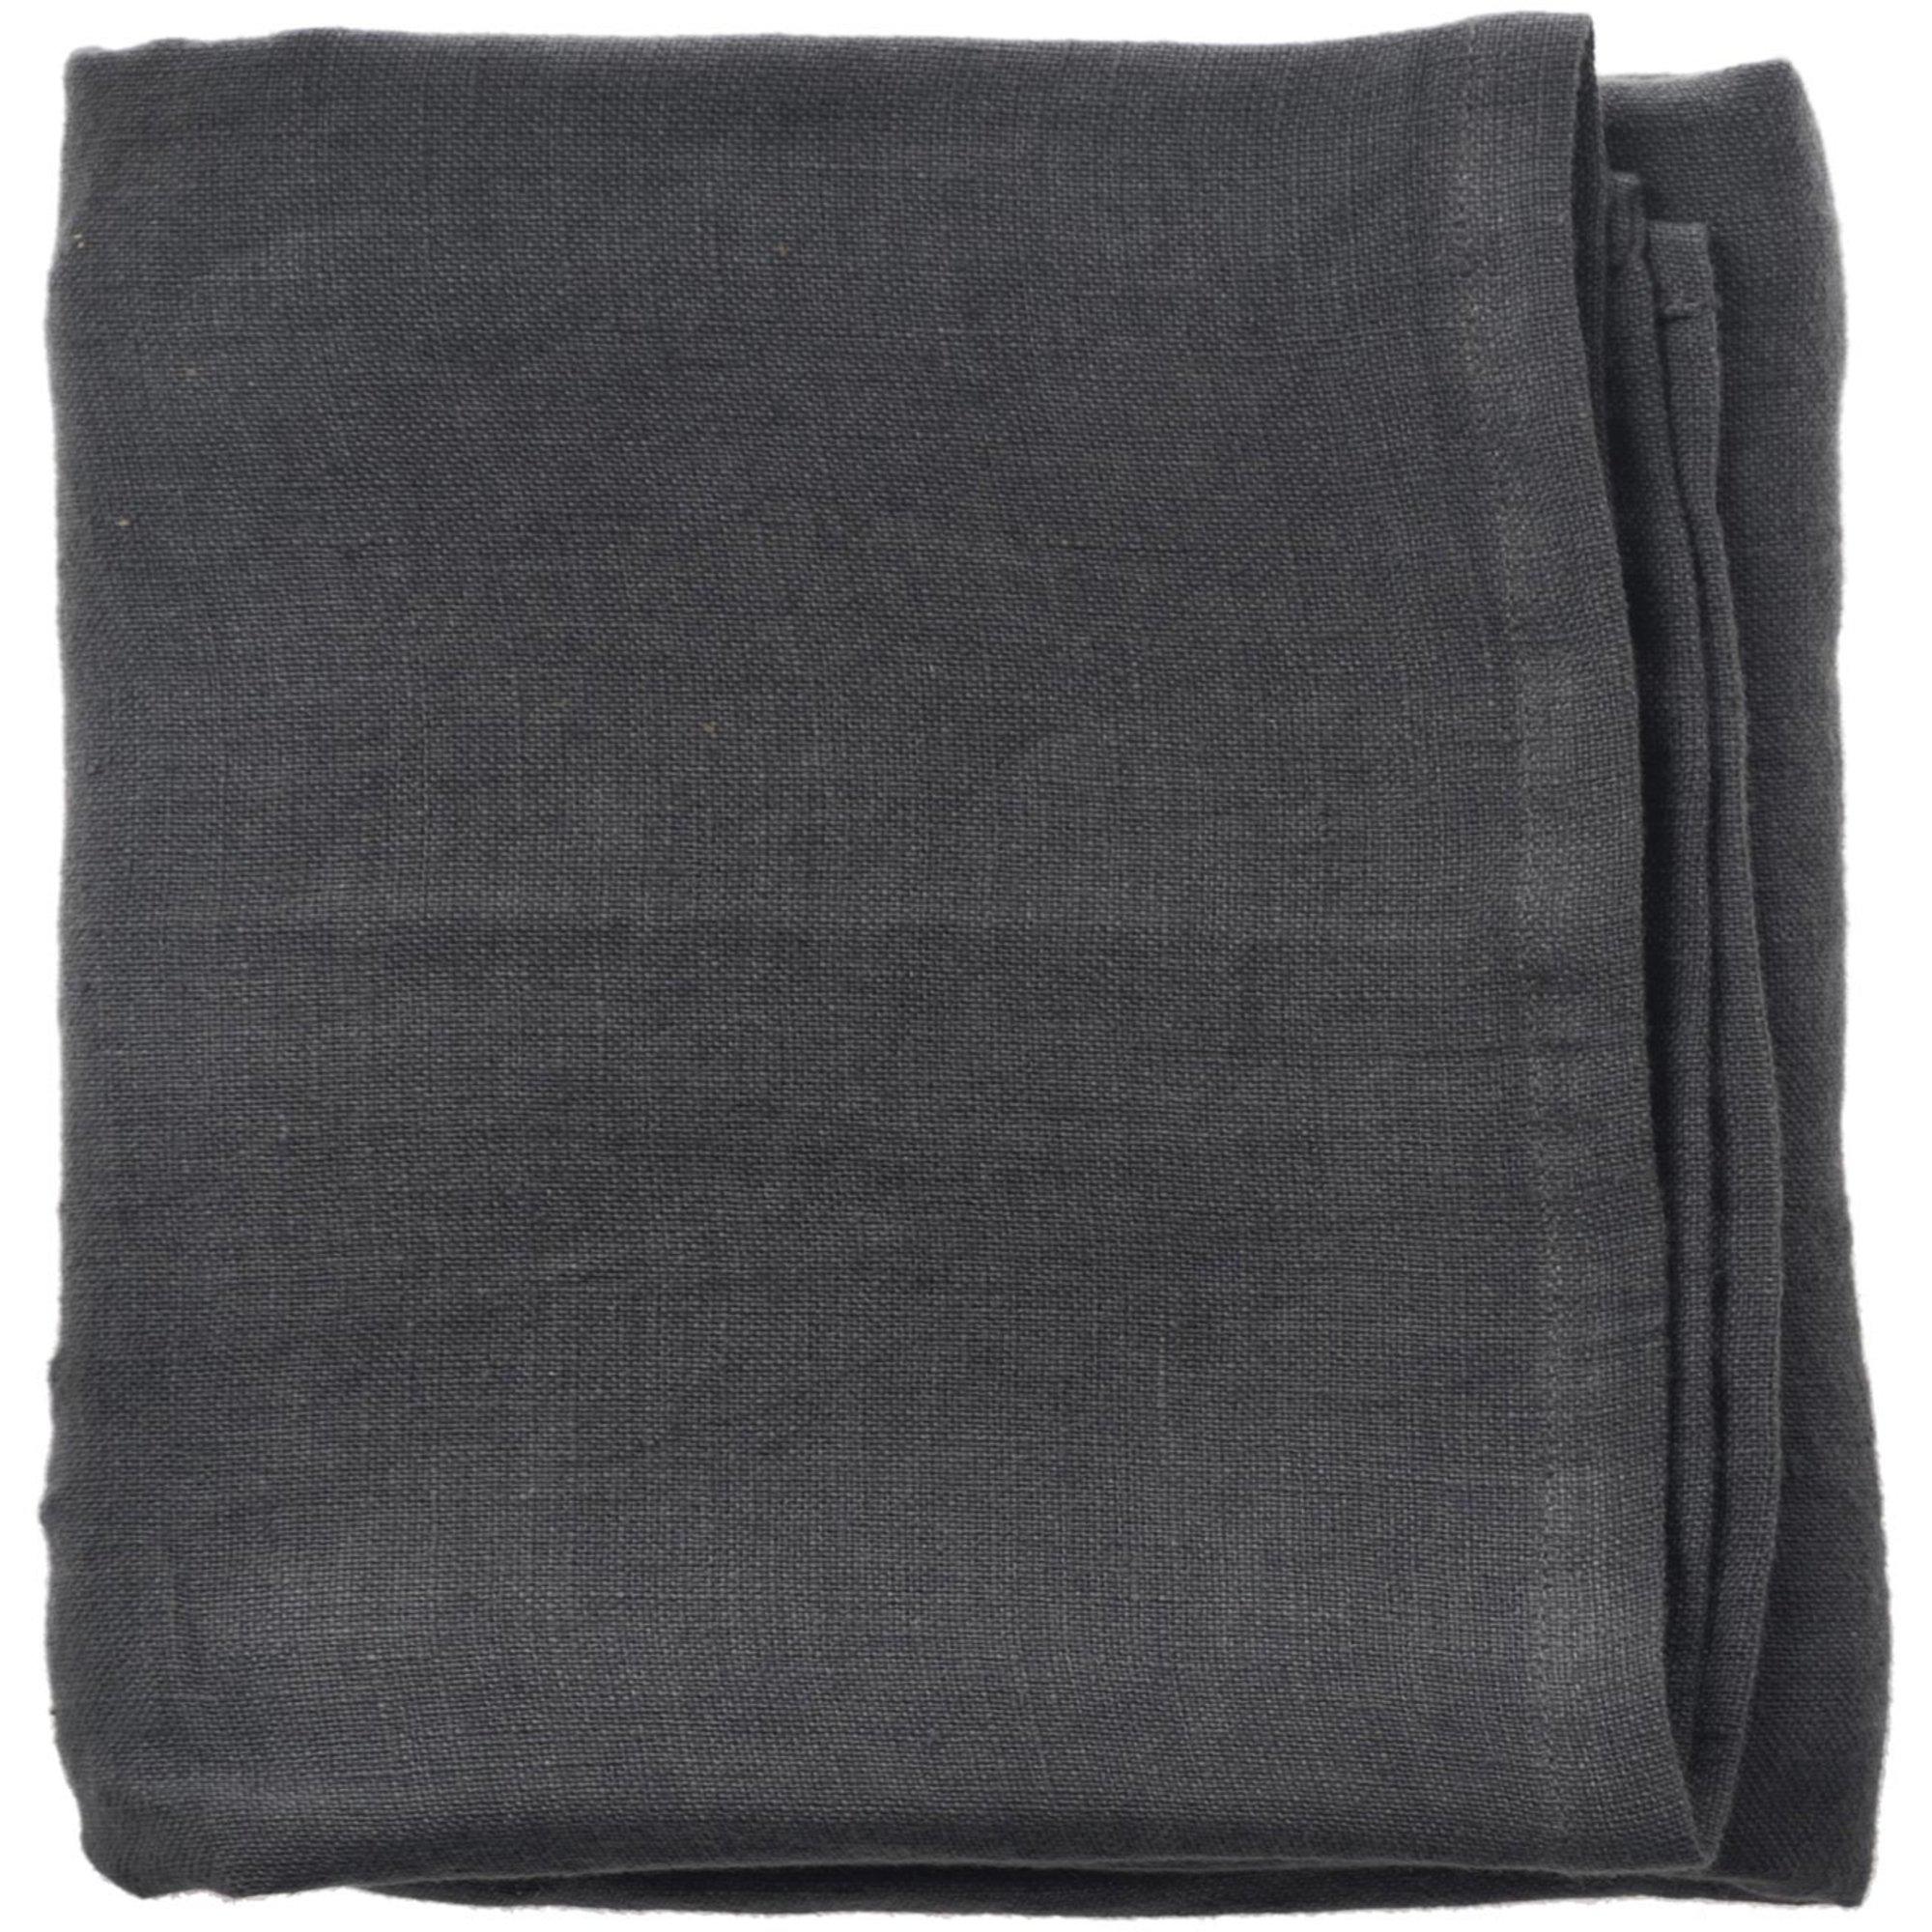 Aida RAW servetter 45×45 cm. mörkgrå 4 st